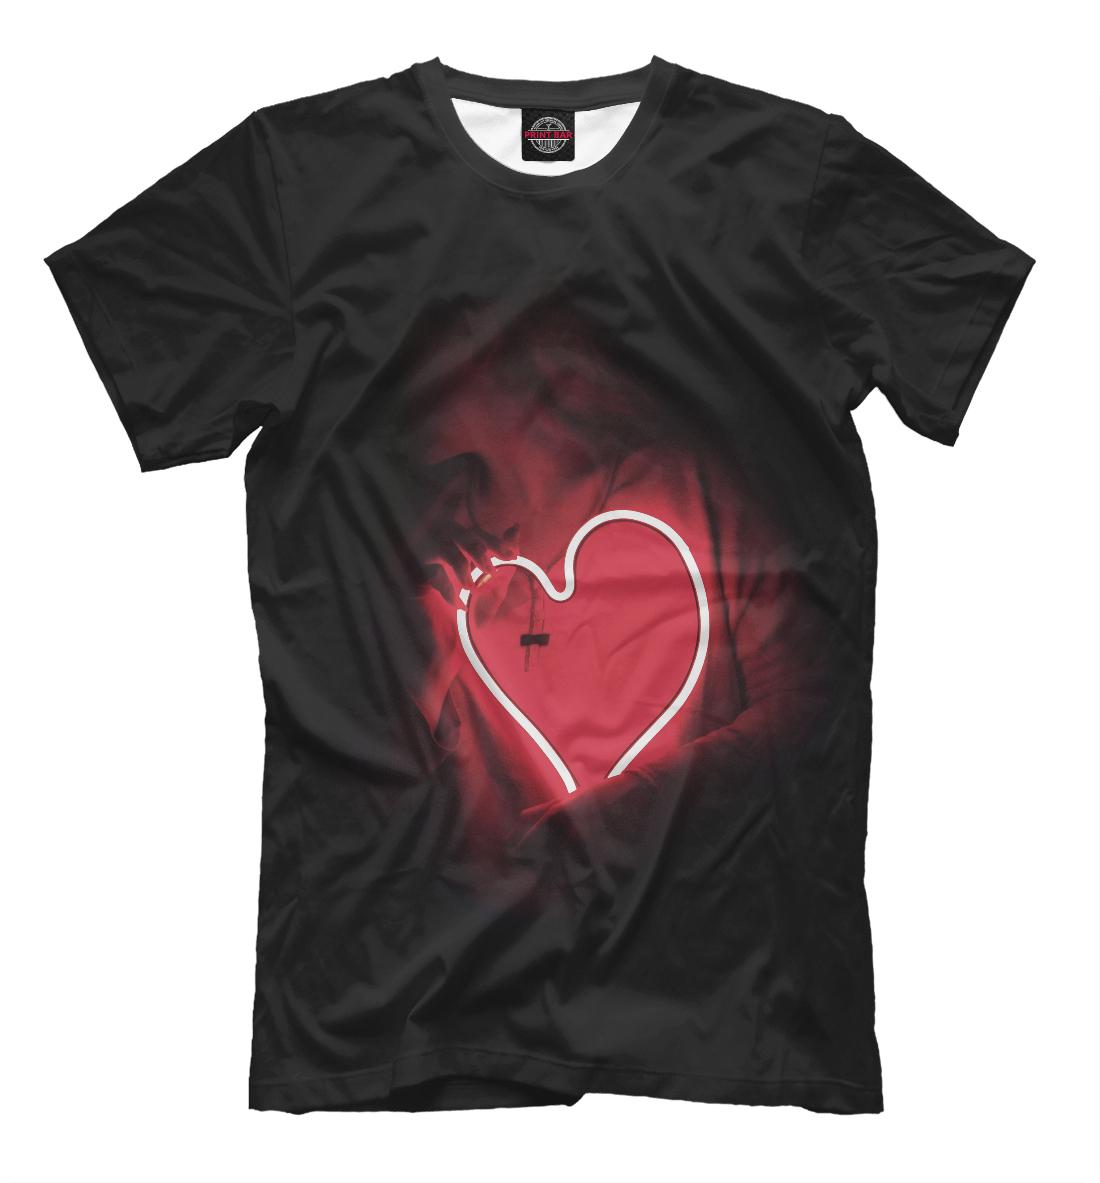 Купить Девушка с неоновым сердцем, Printbar, Футболки, SRD-833167-fut-2